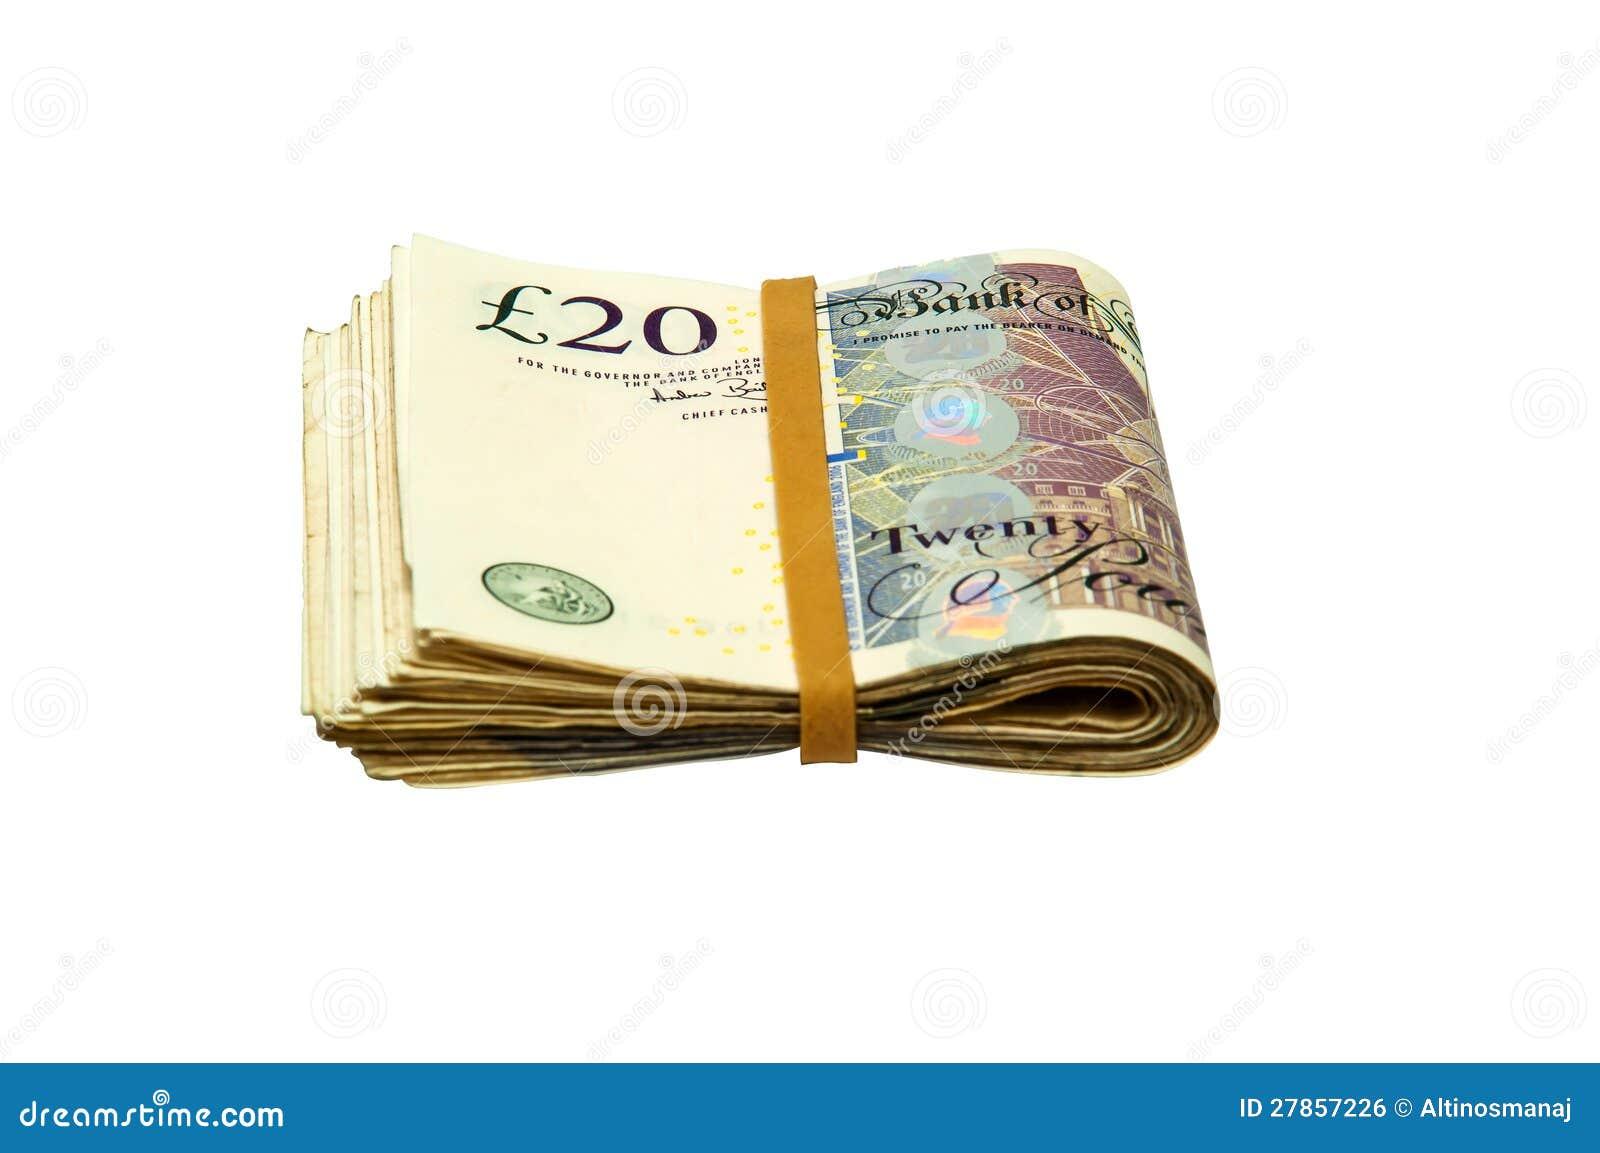 Fałdowa Gotówka - 20 funtowych notatek